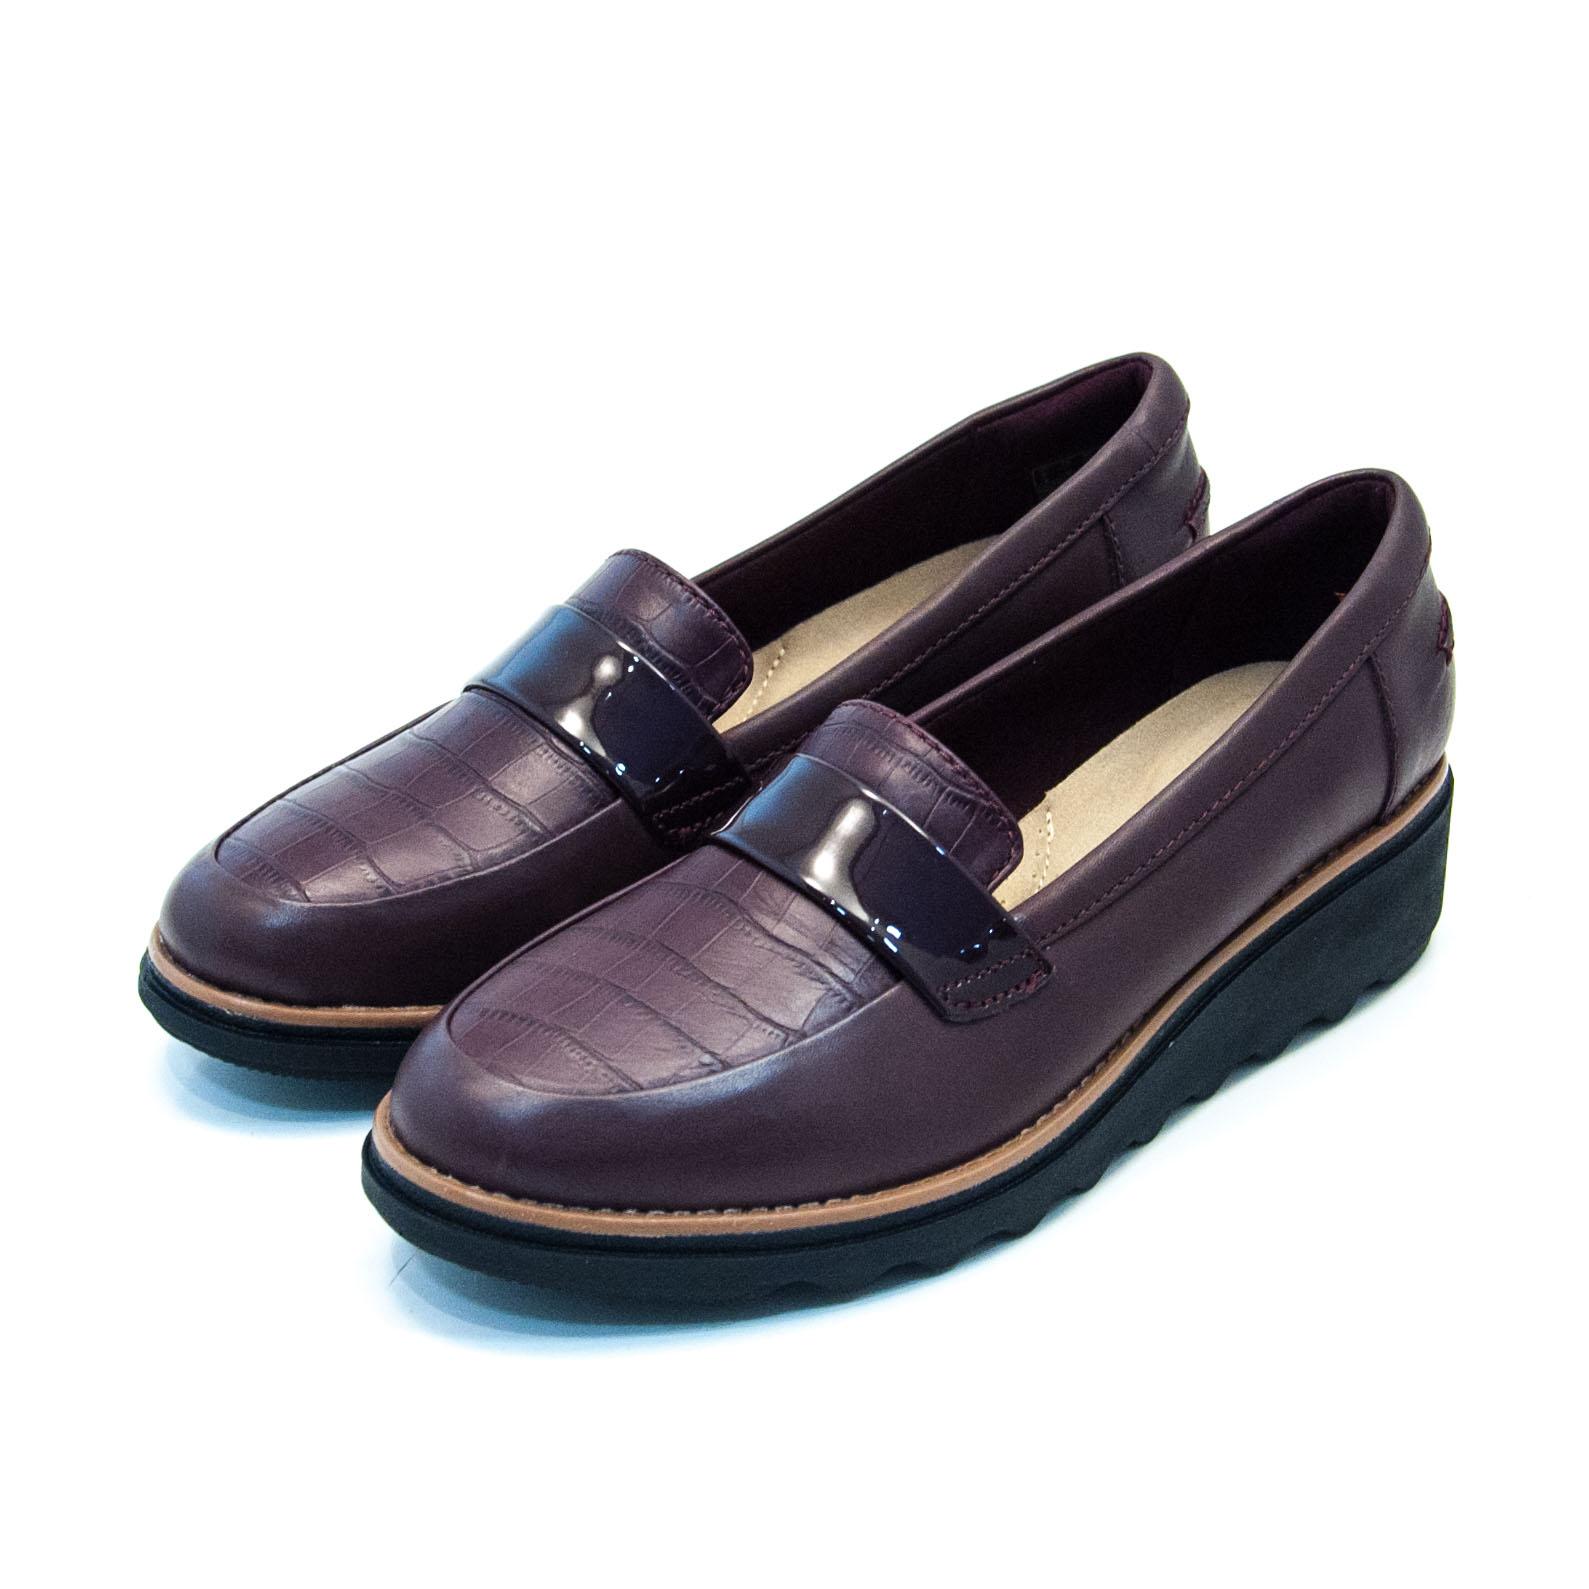 Γυναικείο παπούτσι CLARKS Sharon Gracie 26151390